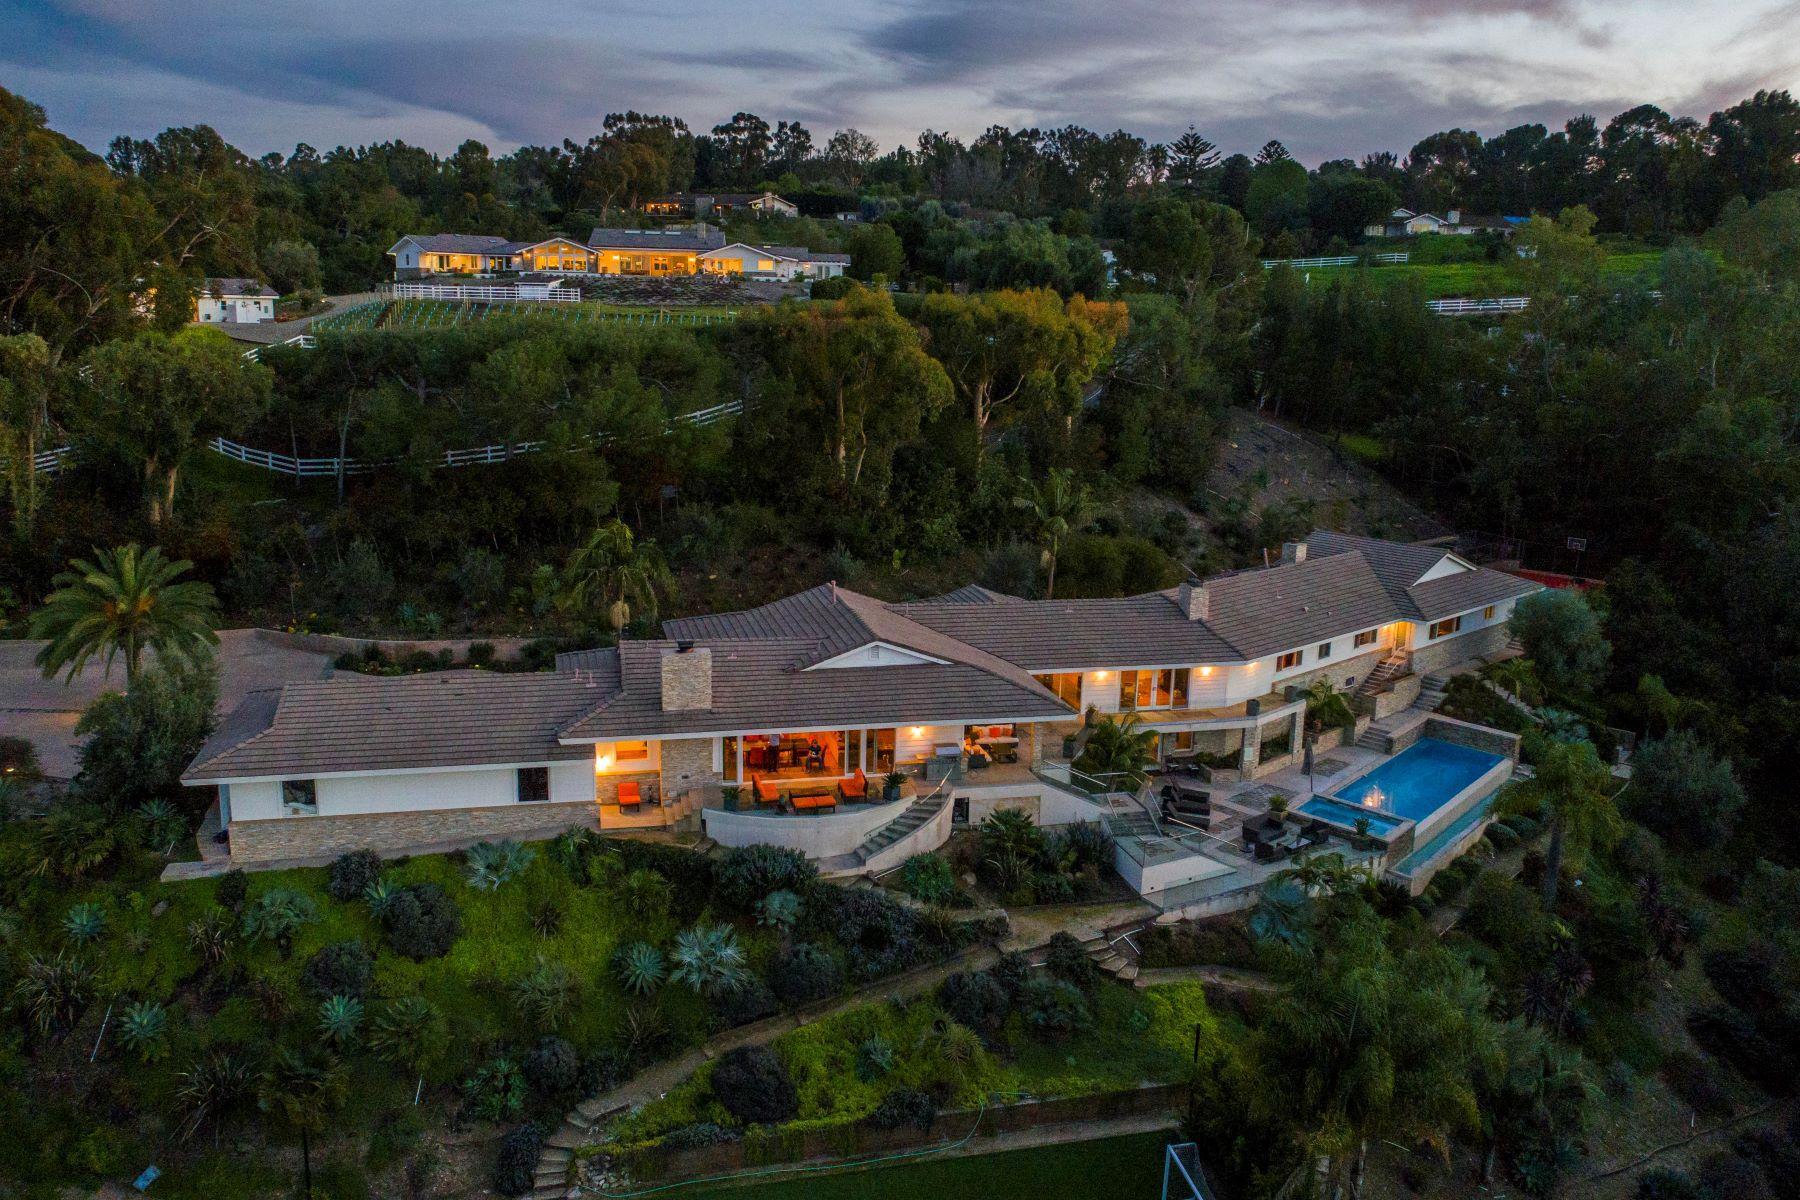 Maison unifamiliale pour l Vente à 2 Pine Tree Ln, Rolling Hills 90274 2 Pine Tree Lane, Rolling Hills, Californie, 90274 États-Unis